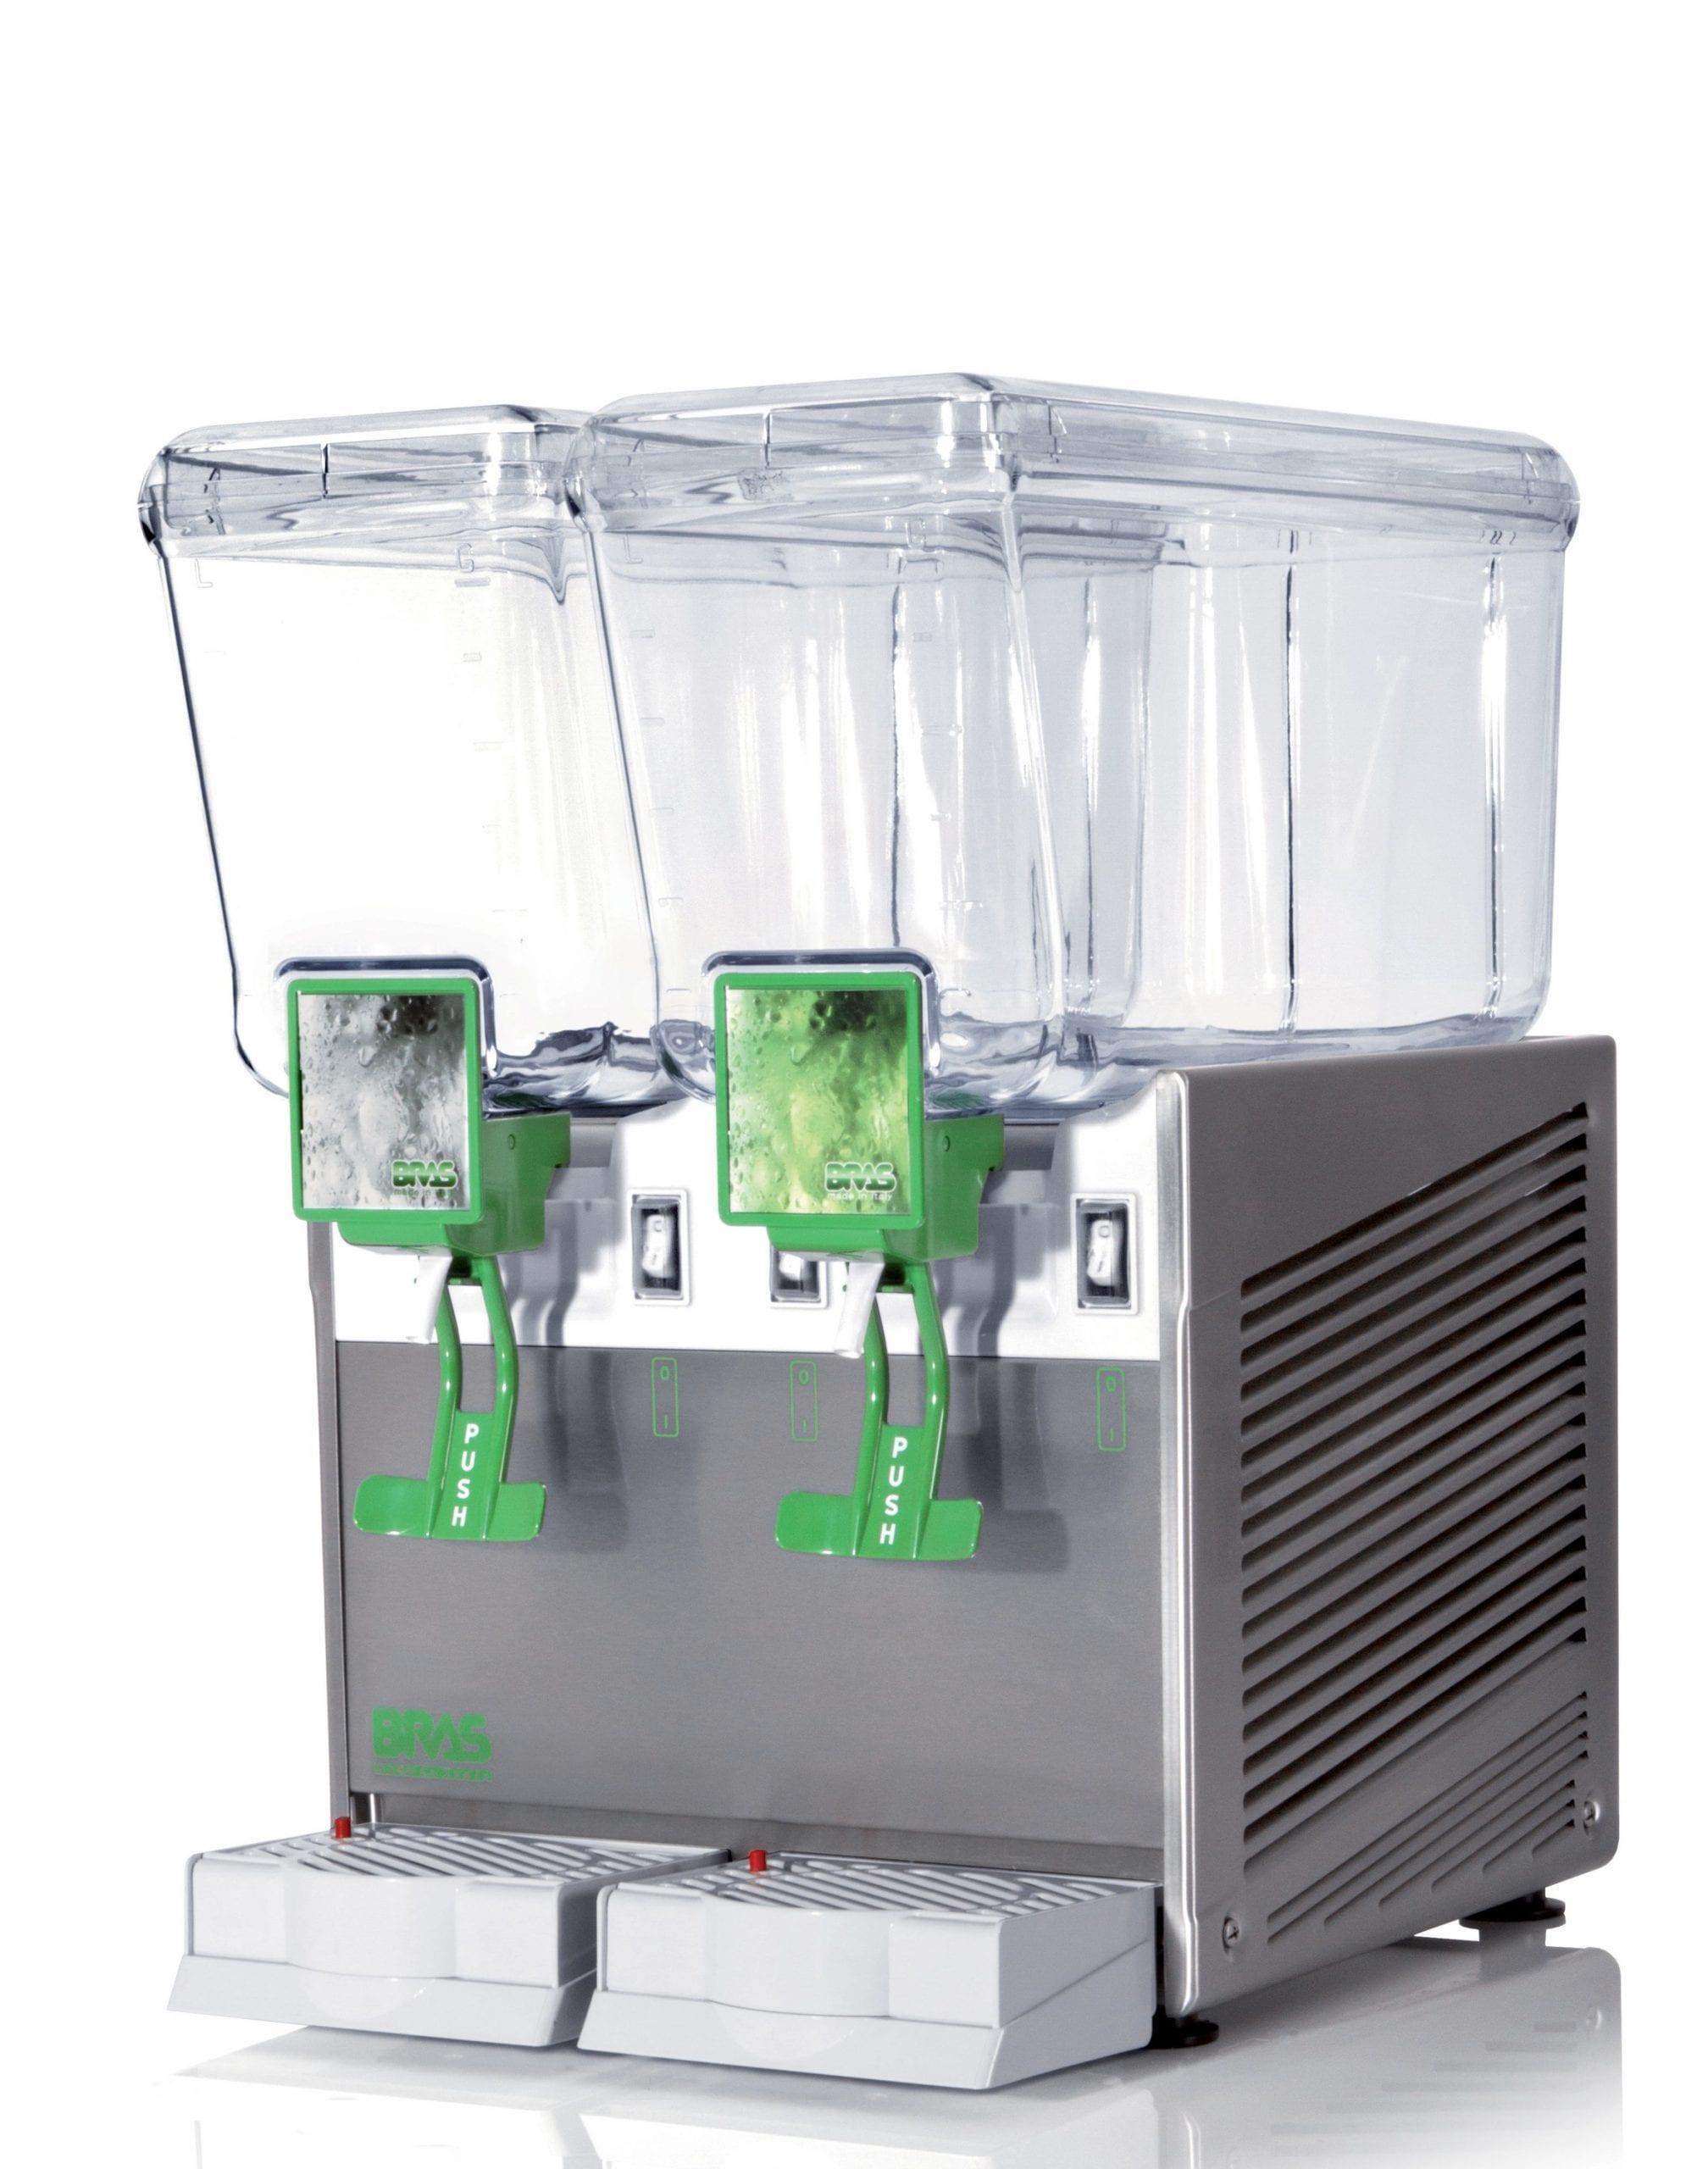 Cold Beverage Dispenser 2x12L Image